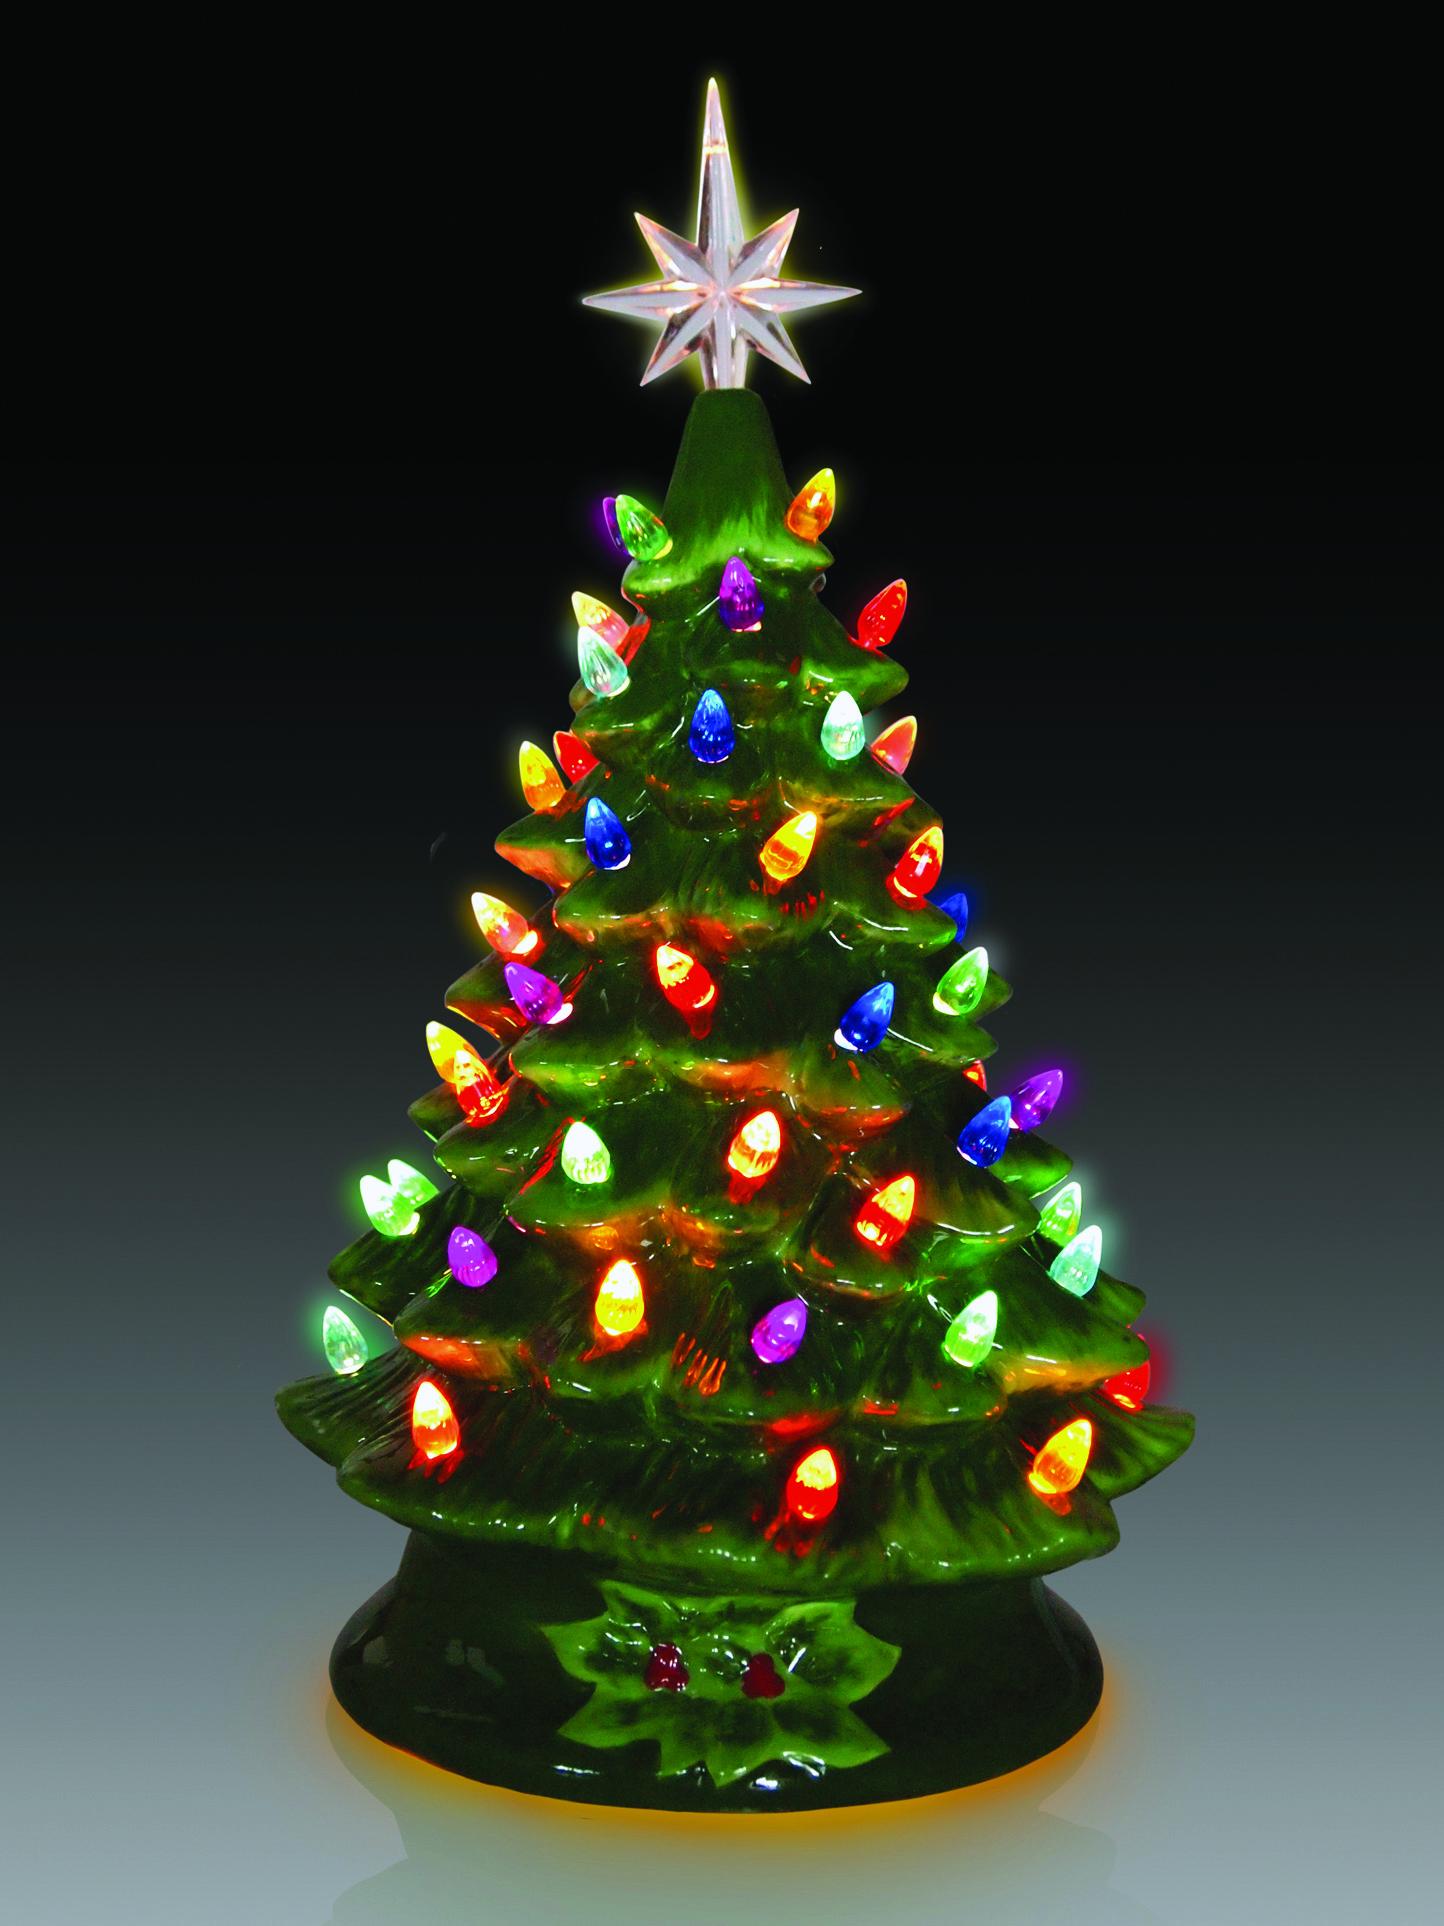 retro 15 ceramic green christmas tree - Ceramic Light Up Christmas Tree